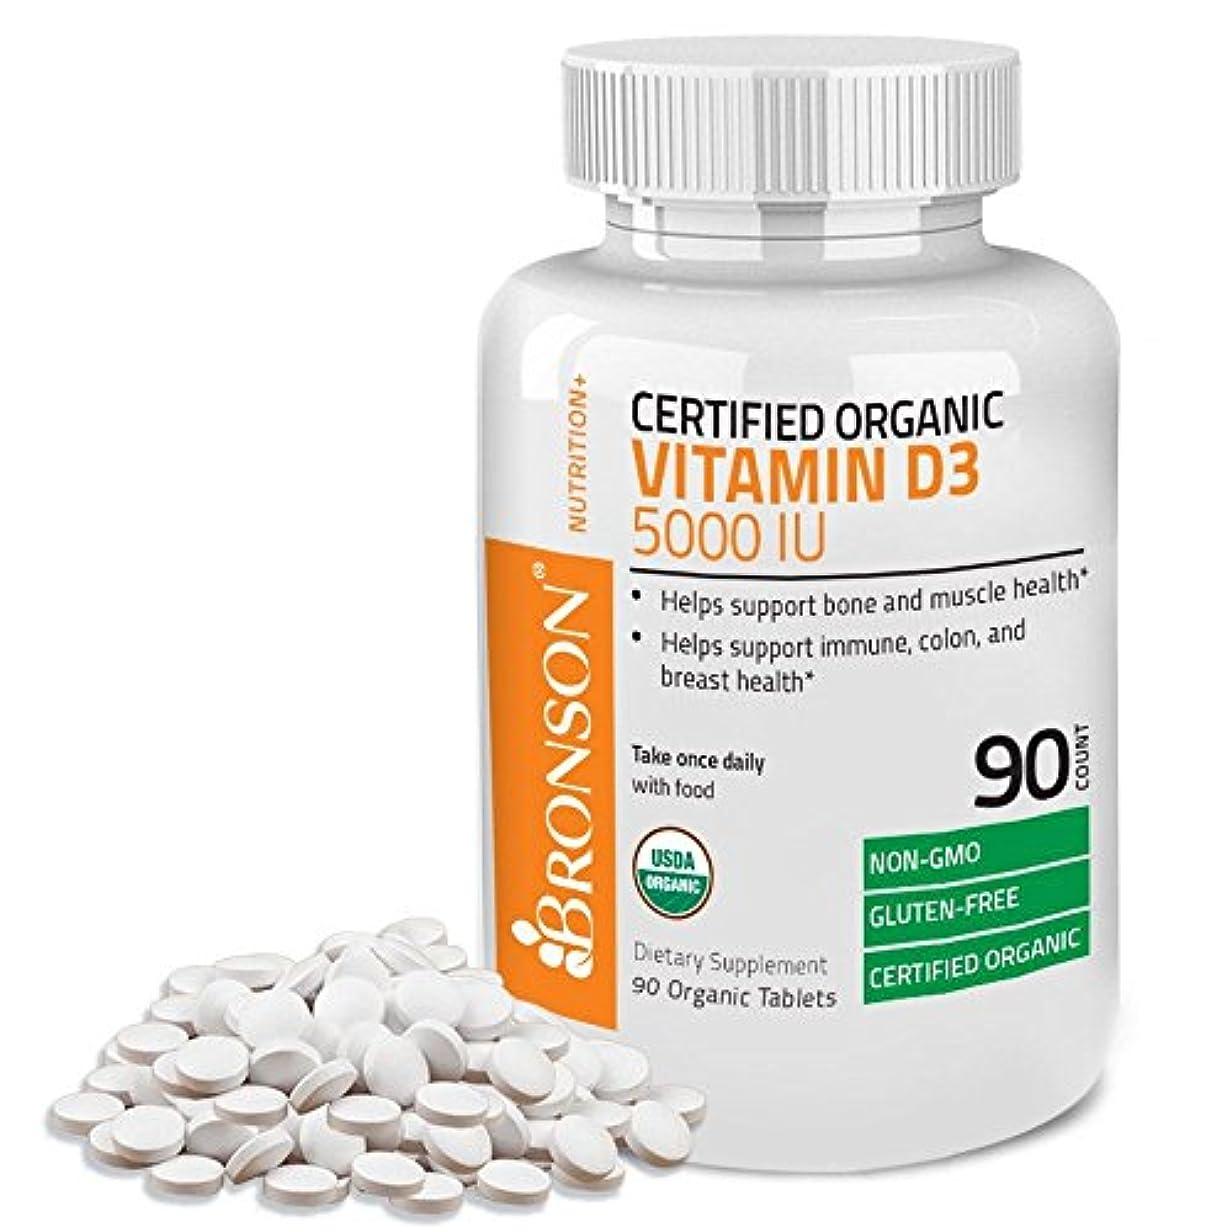 してはいけません維持するかろうじてBronson 高い効能 ビタミンD3 5,000 IU米農務省認定オーガニックビタミンDサプリメント 非遺伝子組み換え グルテンフリー組成 90錠